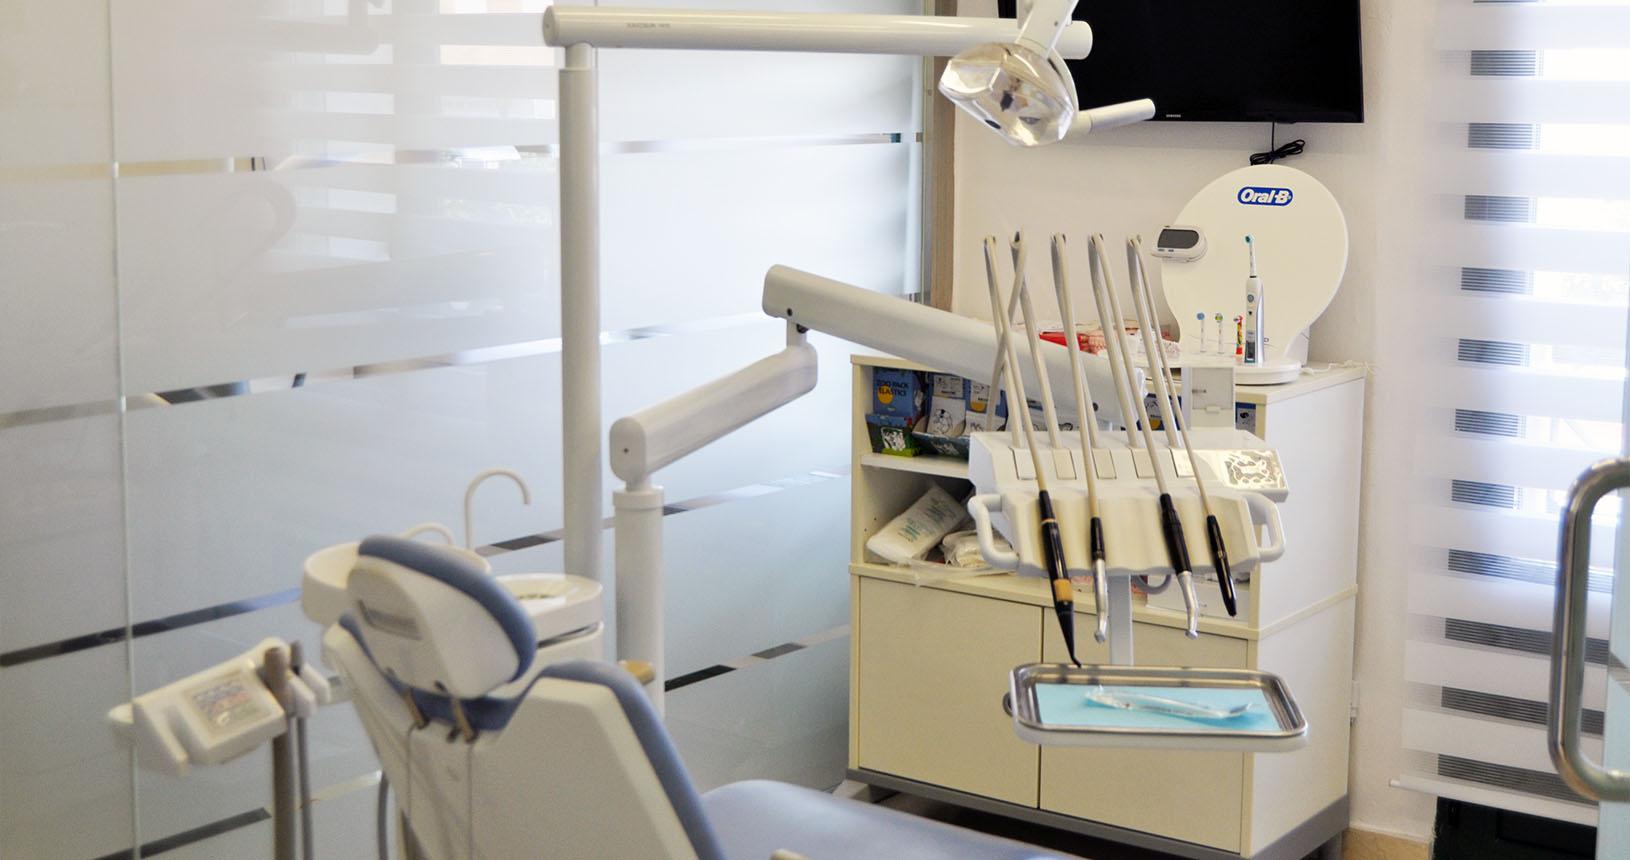 Clinica dental dra Cecilia instalaciones